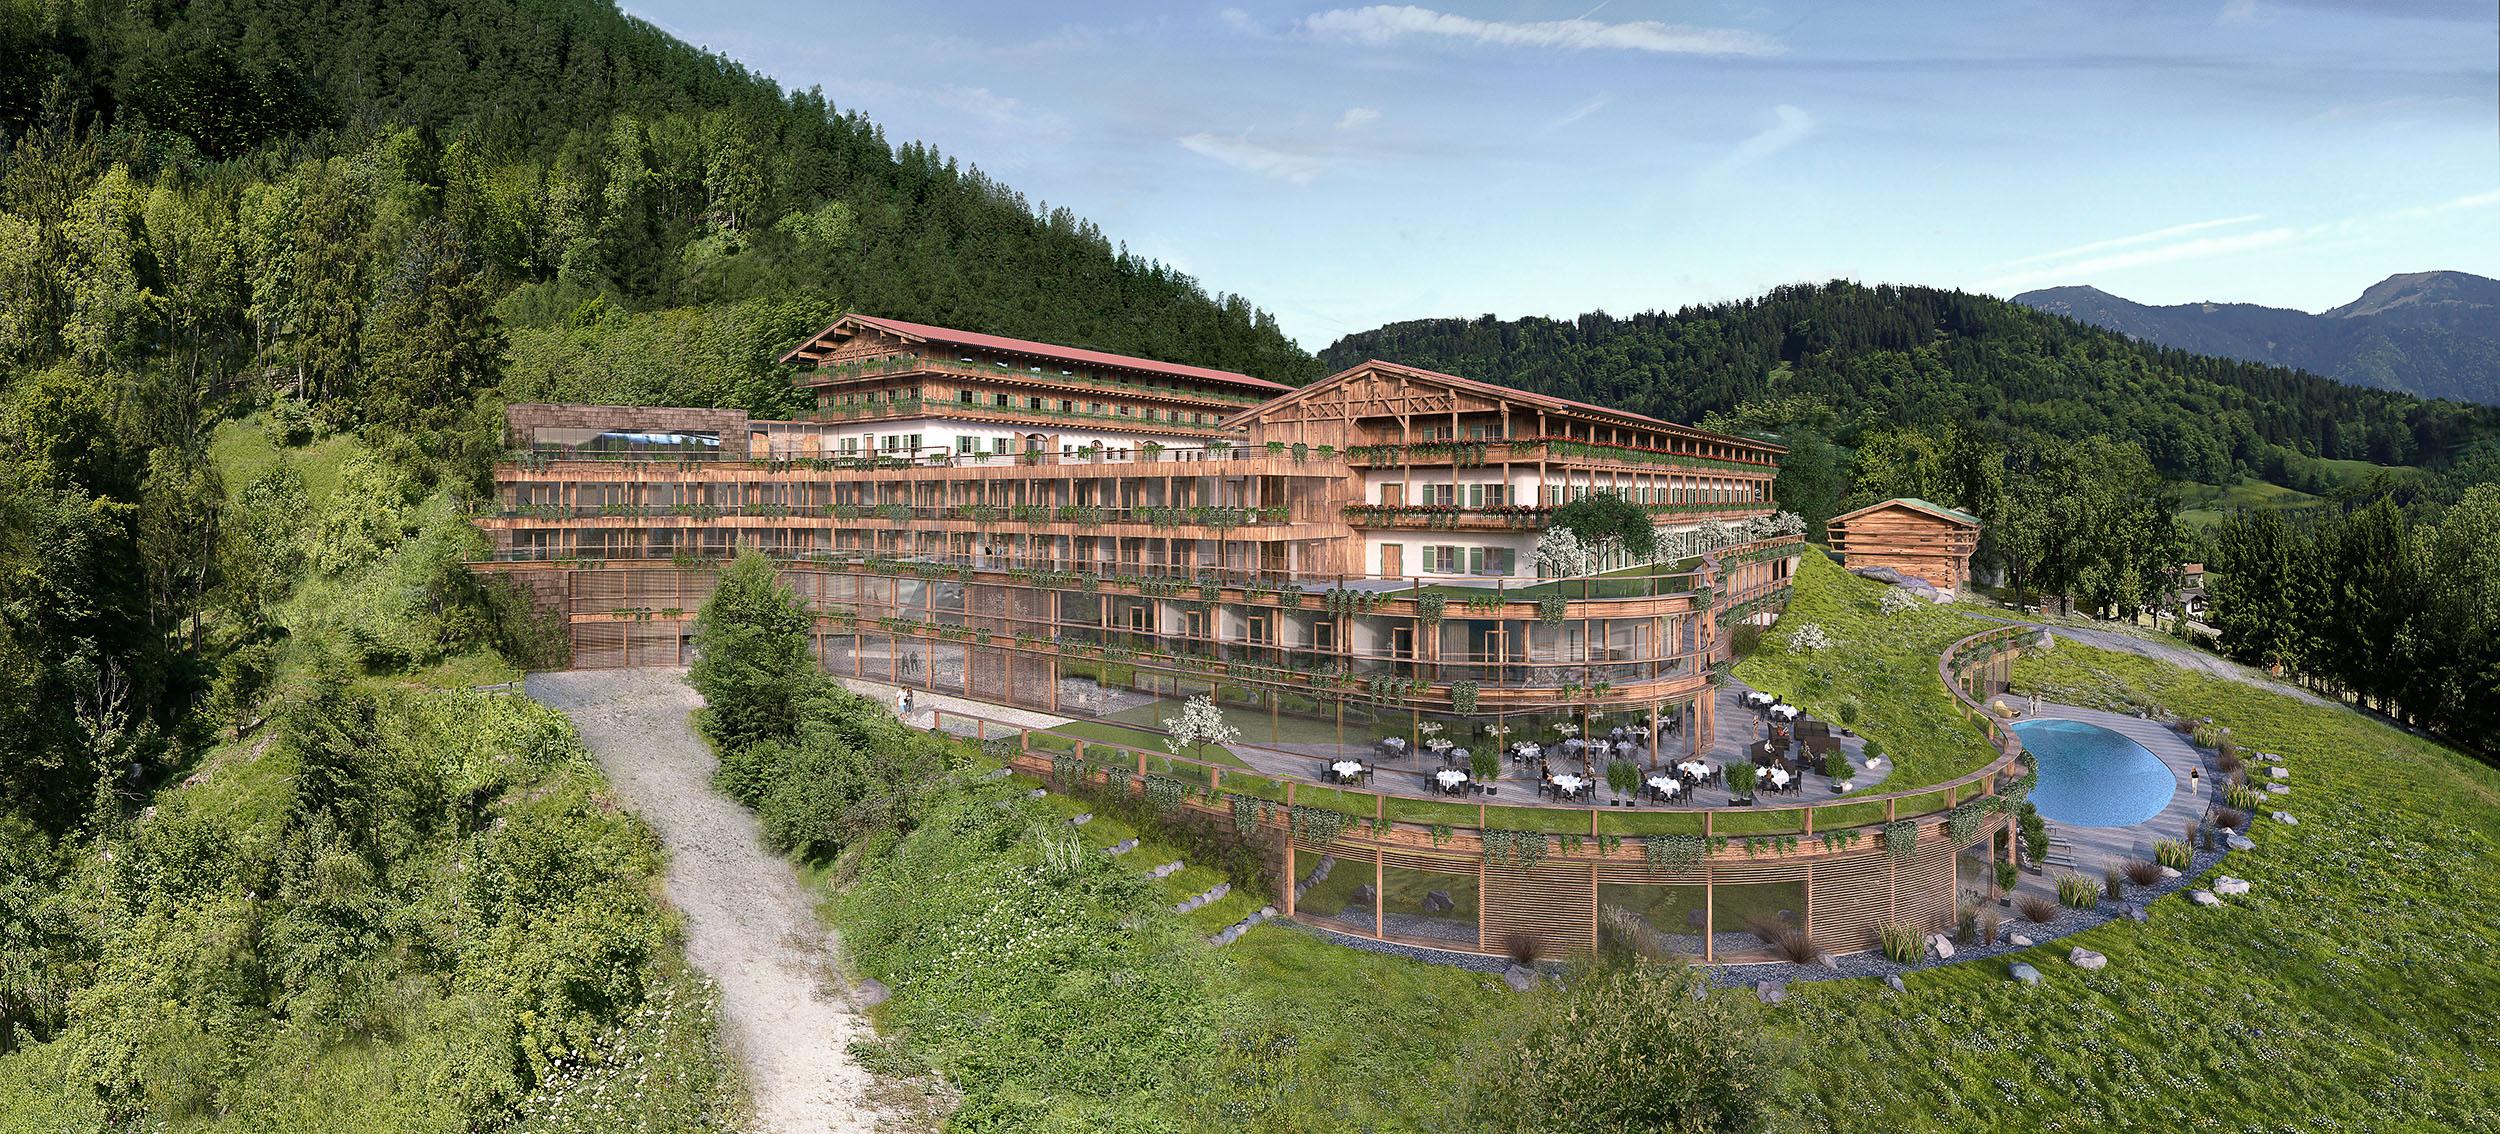 Architekturvisualisierung Westerhof Tegernsee